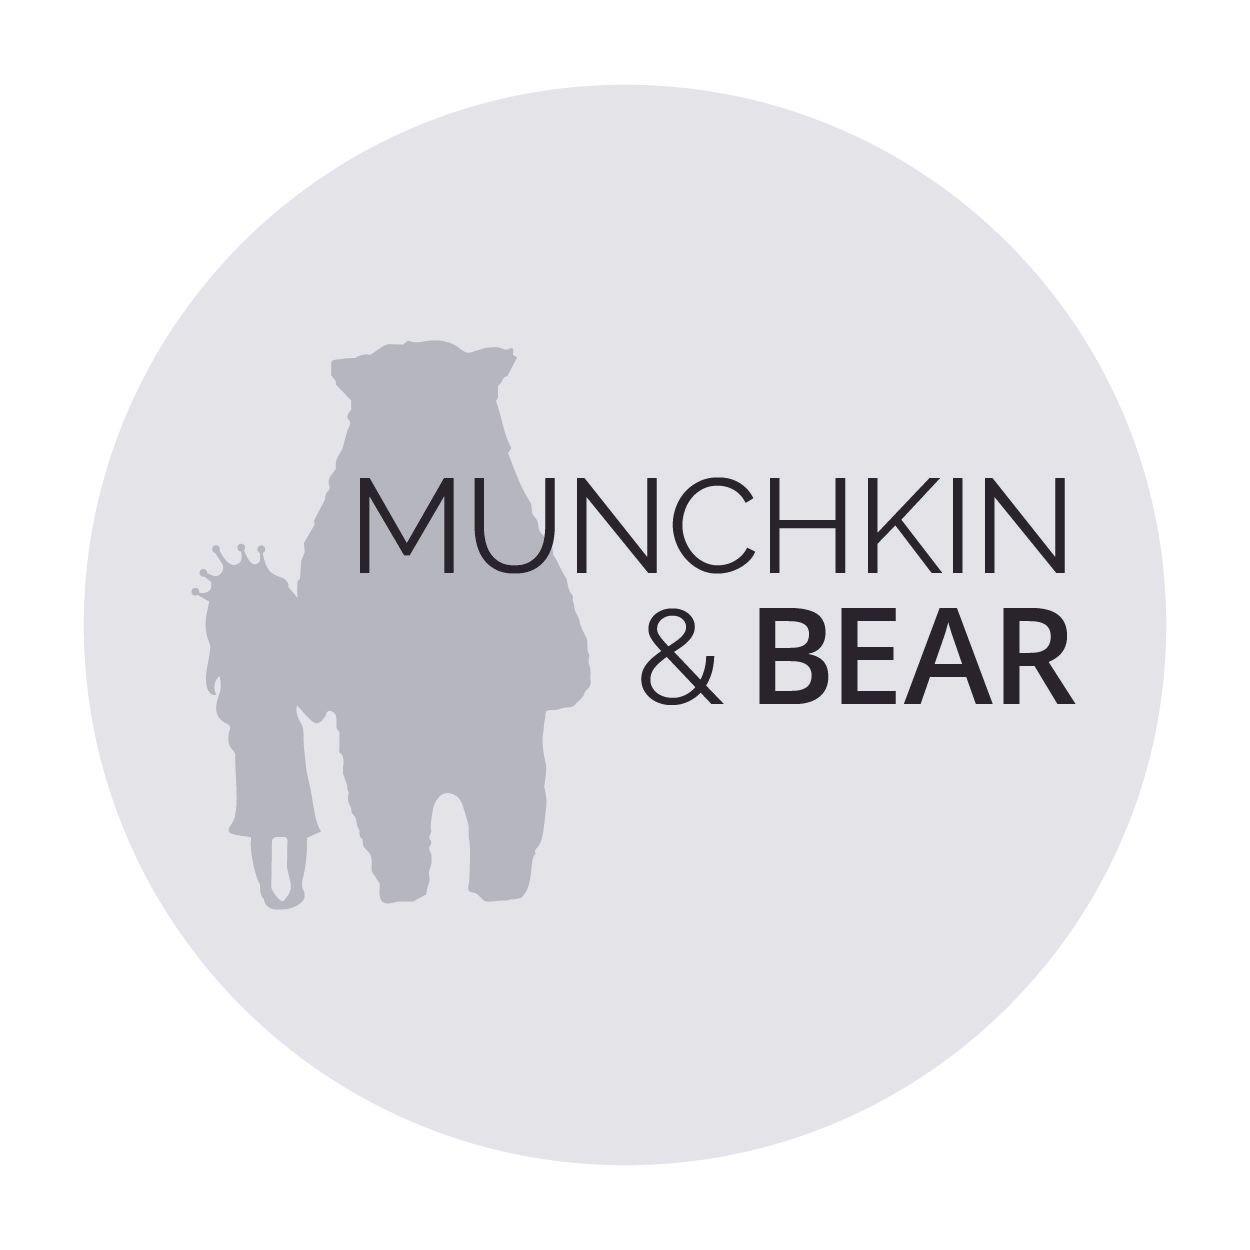 Munchkin and Bear